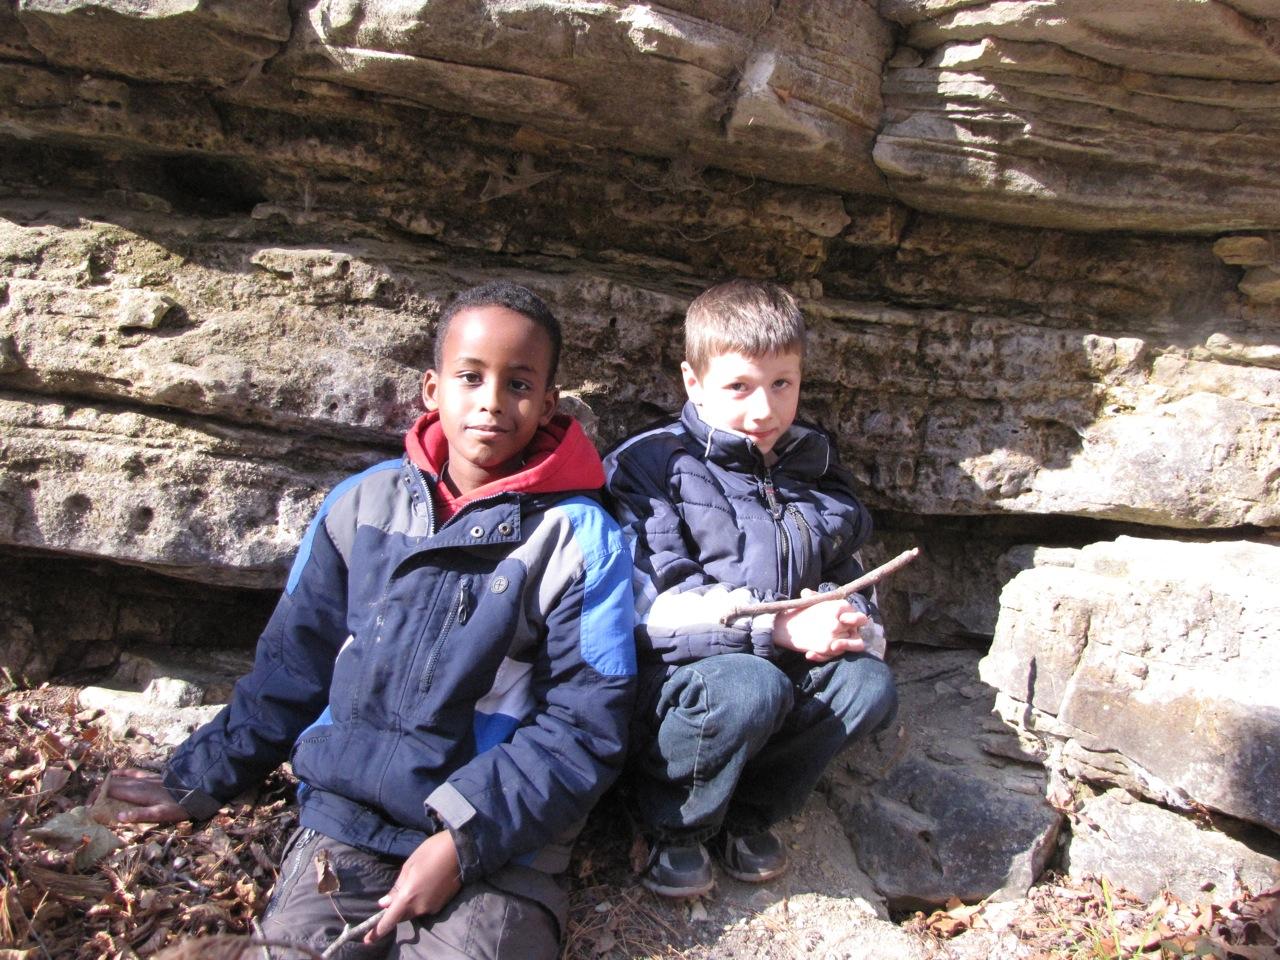 Youth by buttermilk creek.jpg